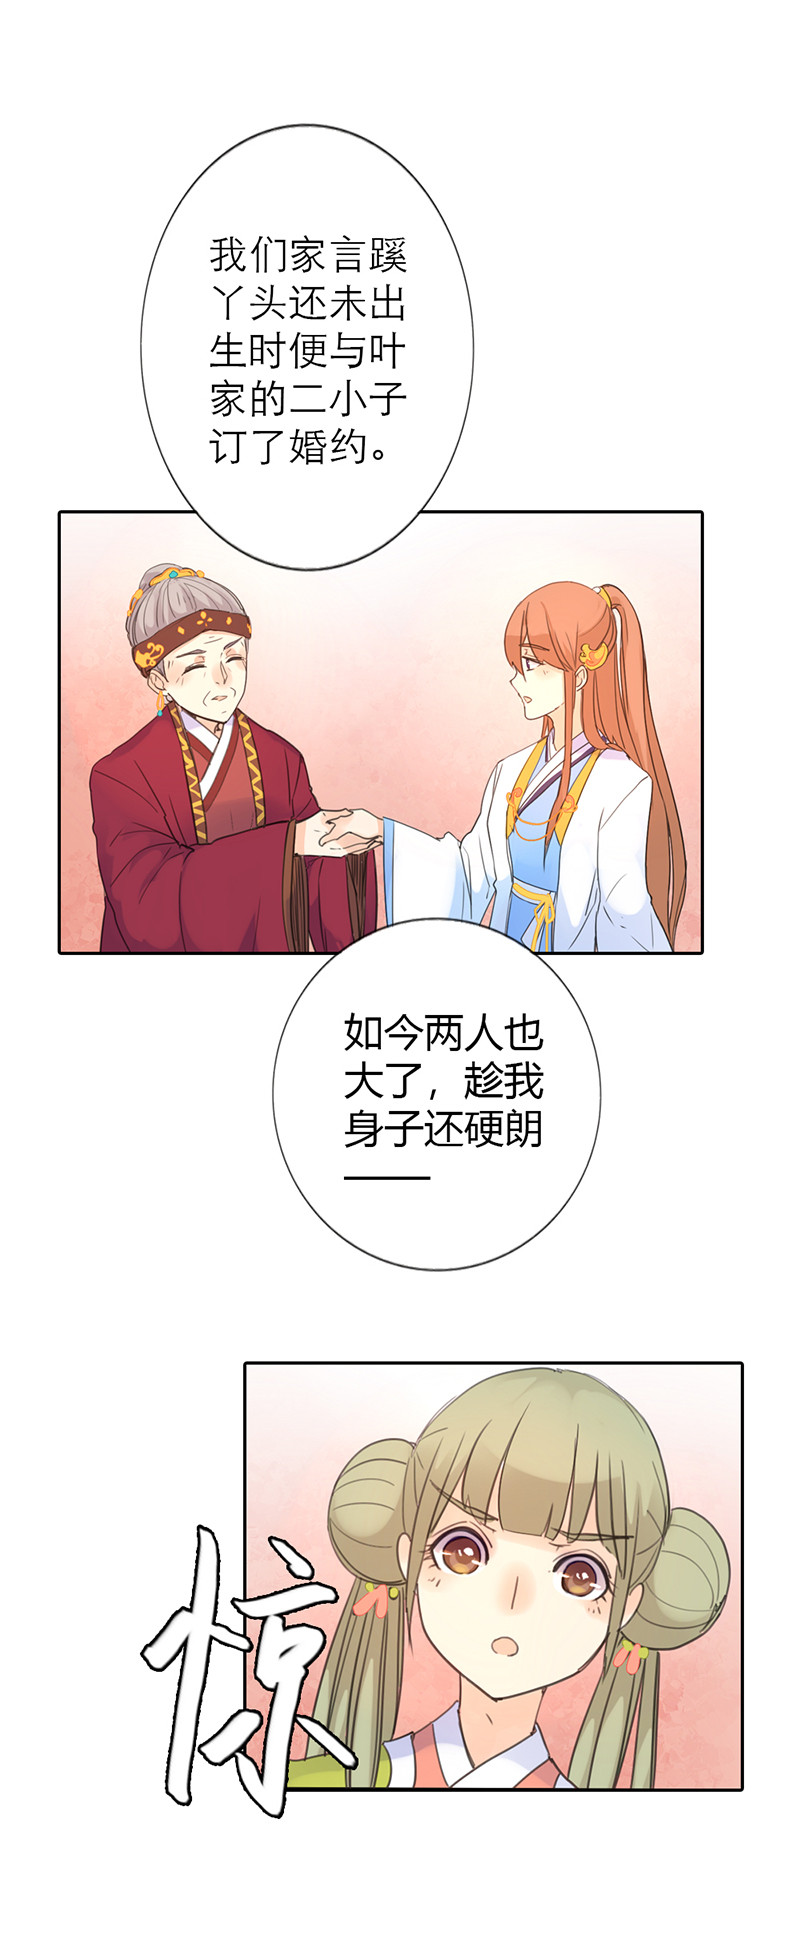 【小漫画】在公司做这种事被美女上司发现,她居然提出了这样的要求!!